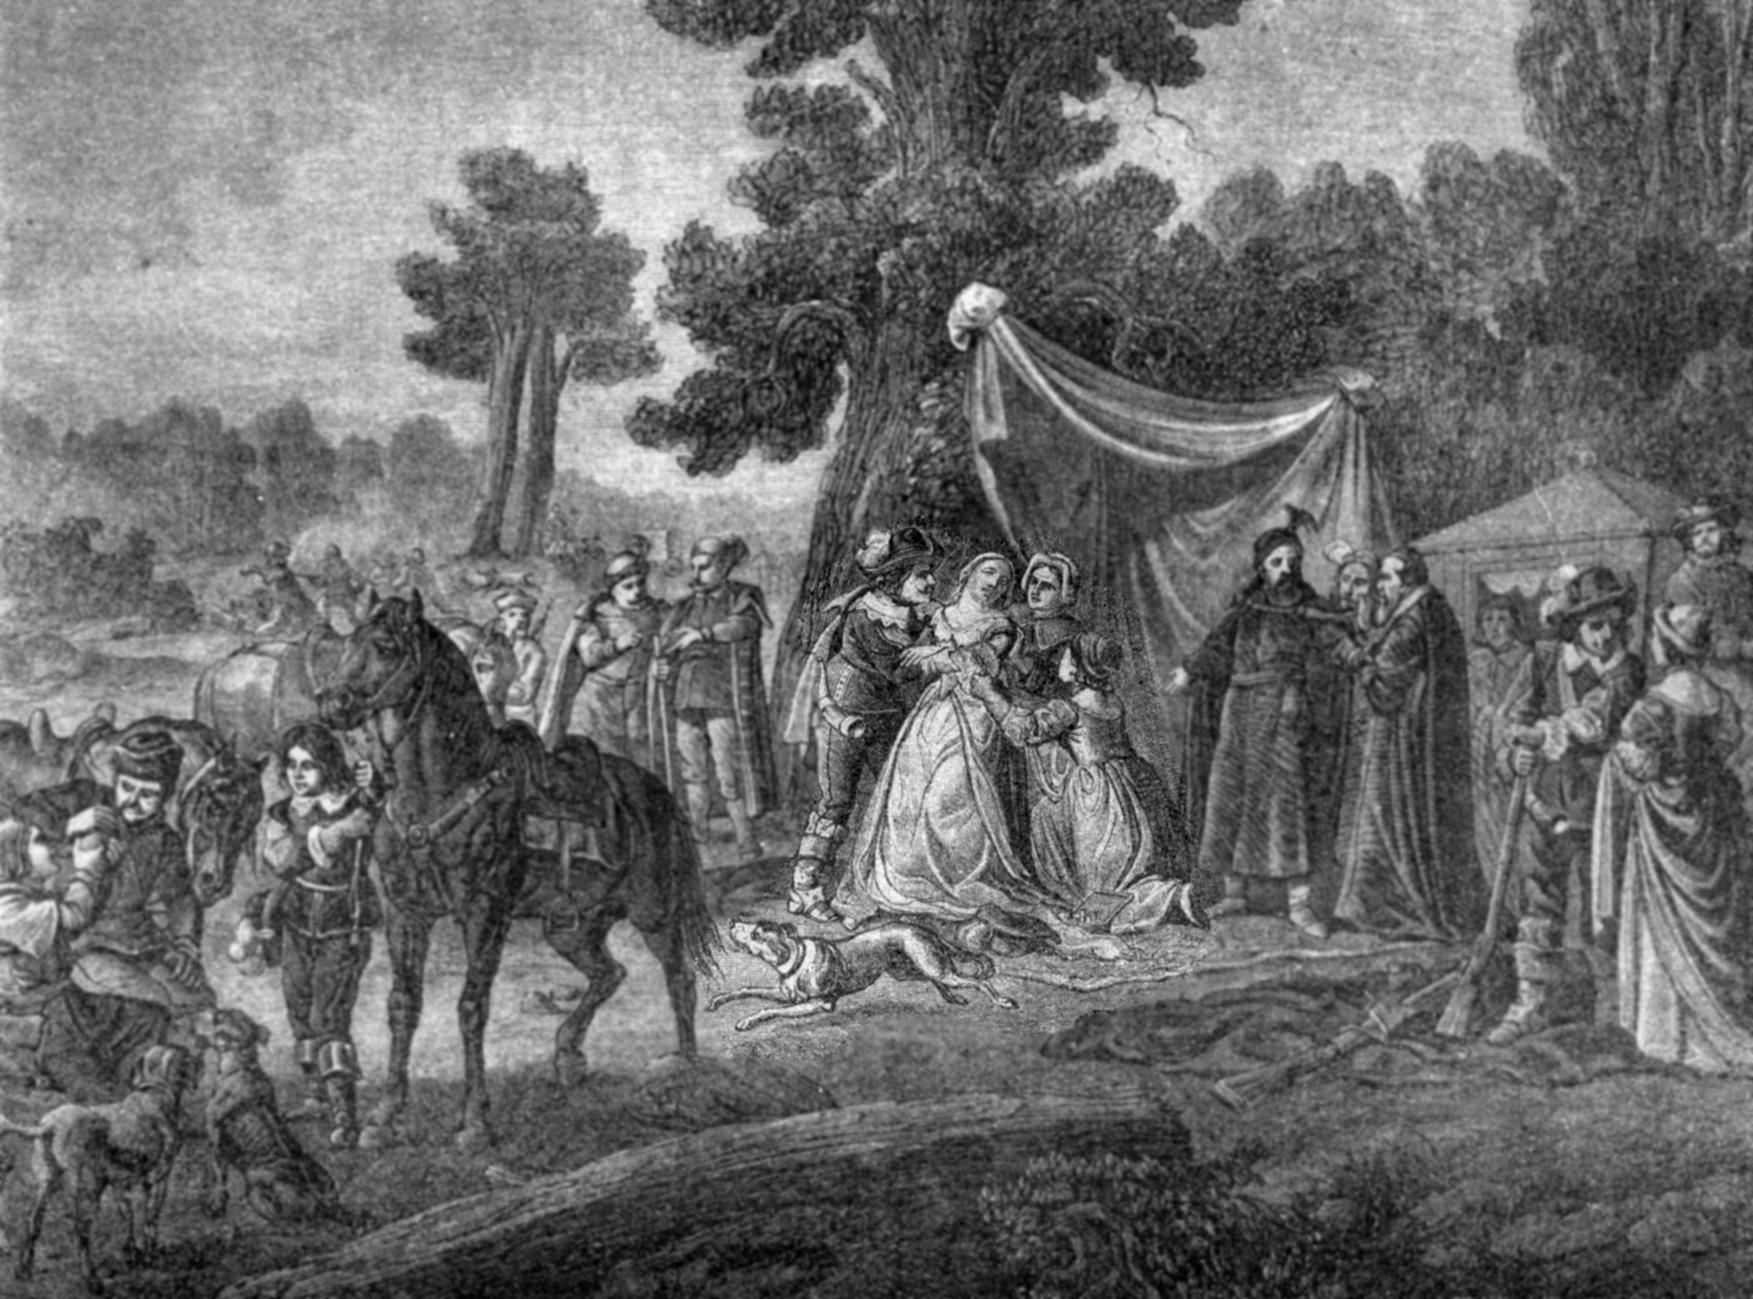 Władysław IV na polowaniu, litograficzna kopia obrazu F. Sypniewskiego, fot. z kolekcji autora..JPG